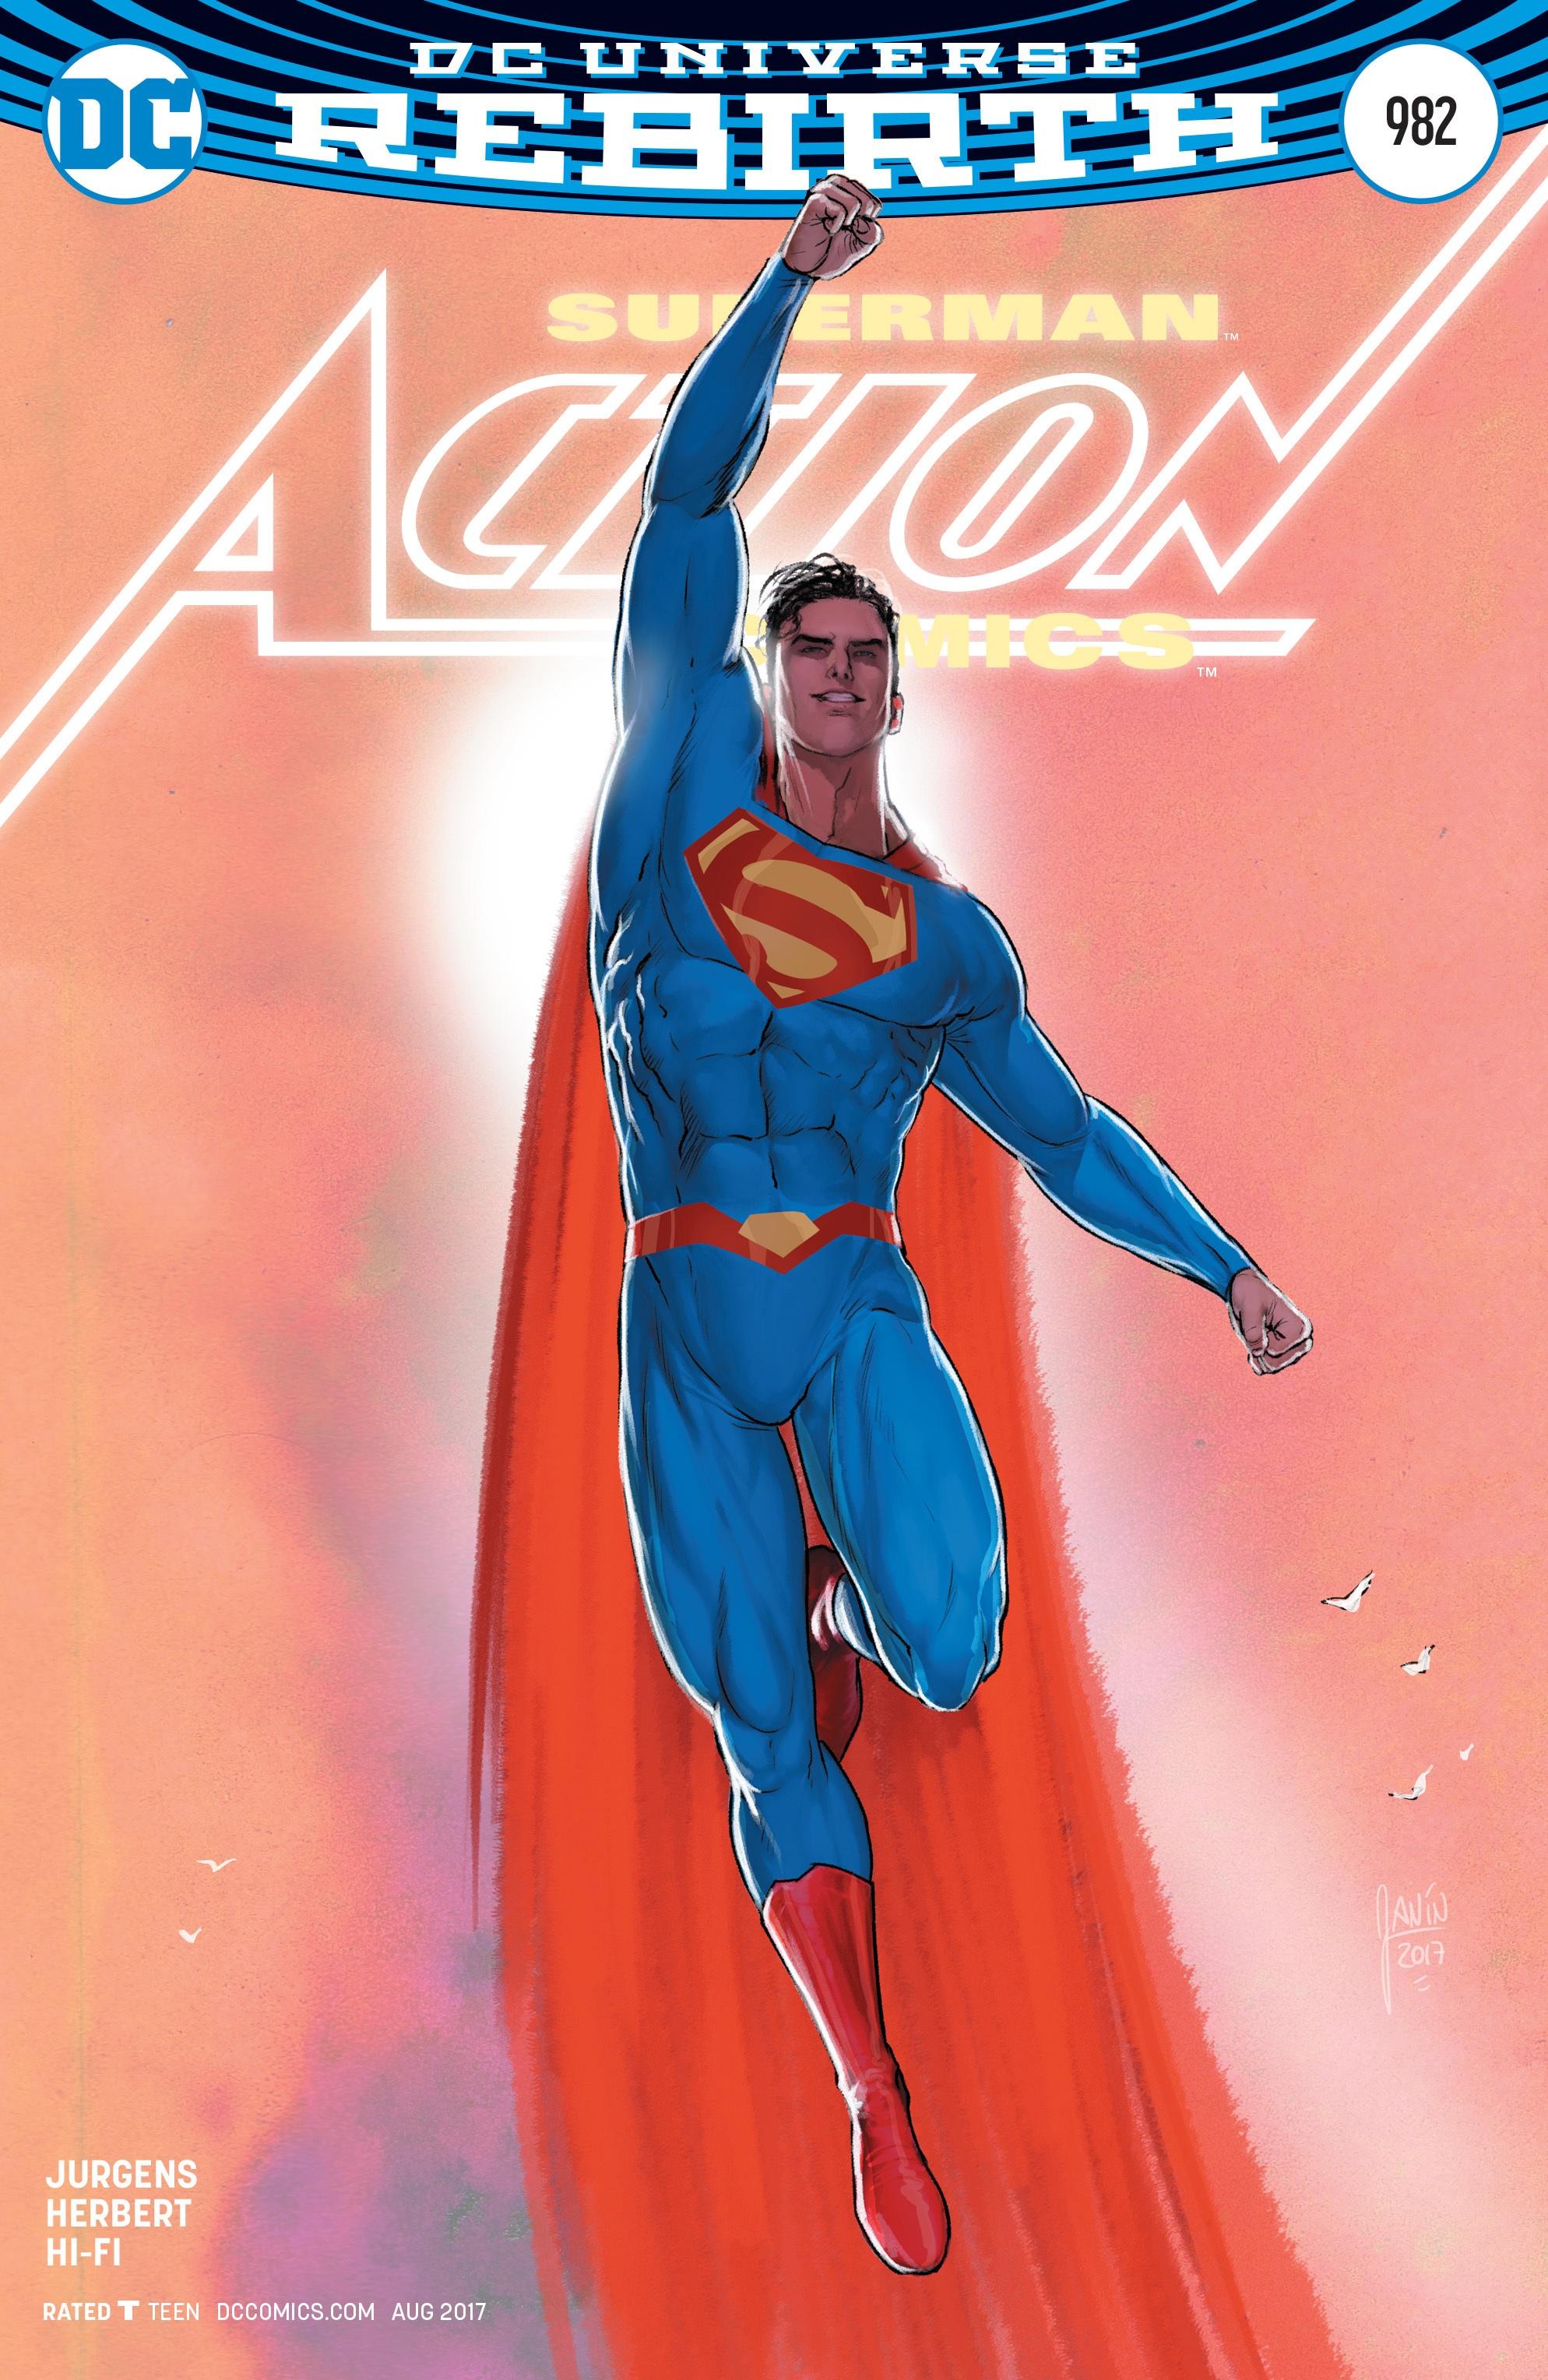 Action Comics Vol 1 982 Variant.jpg